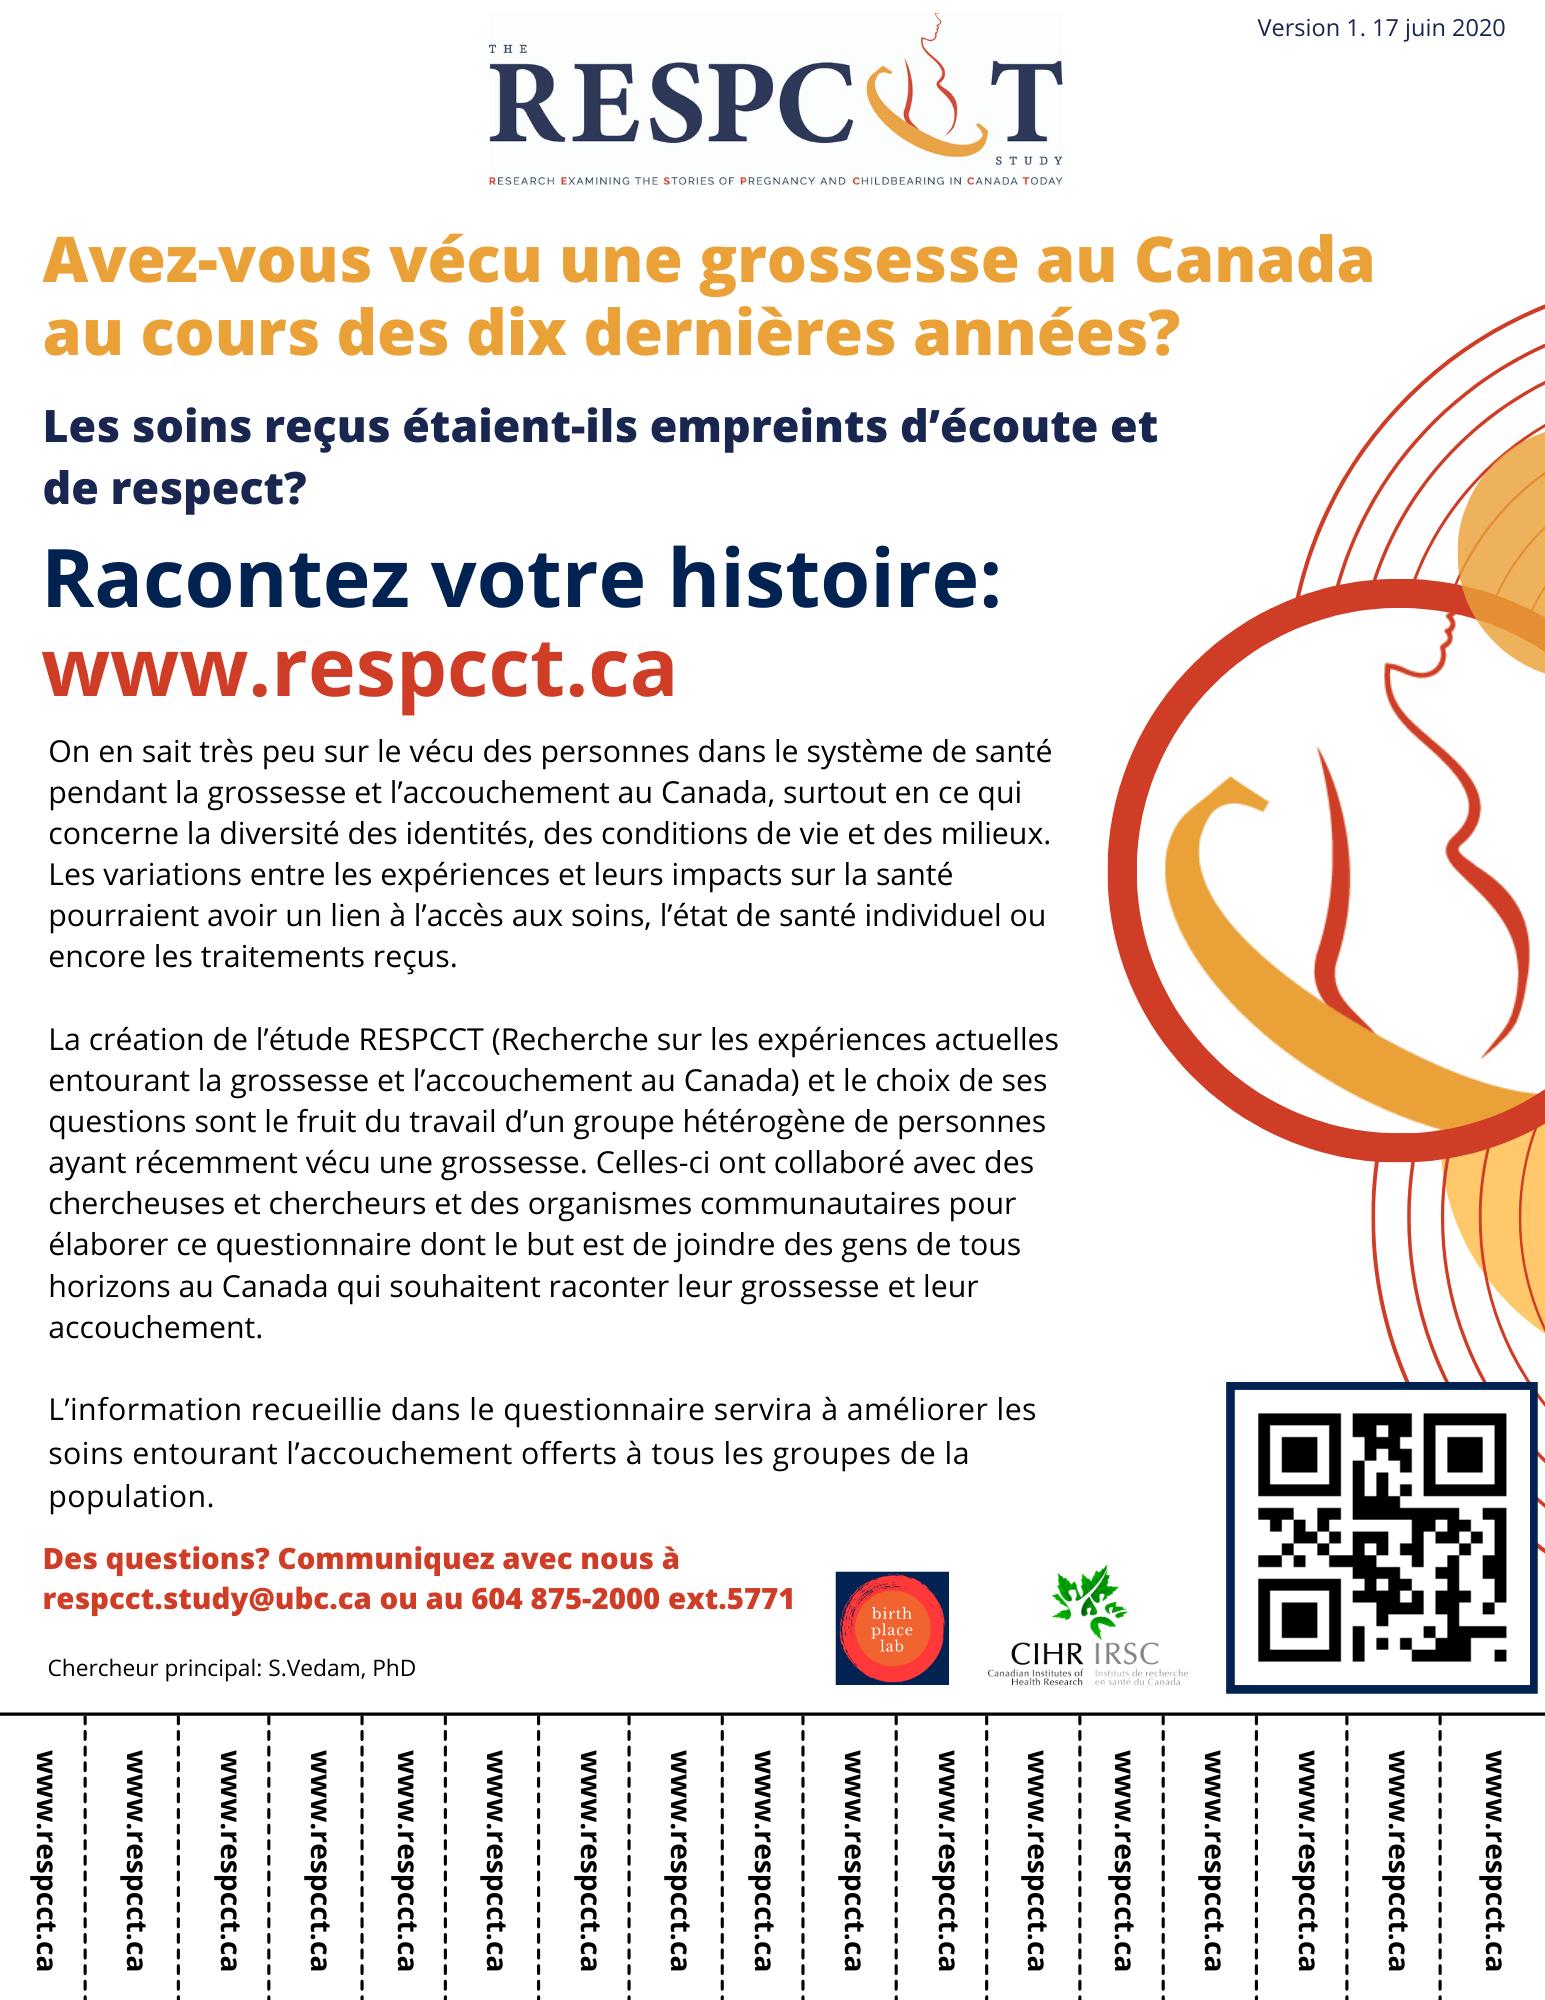 _RESPCCT Poster (2)